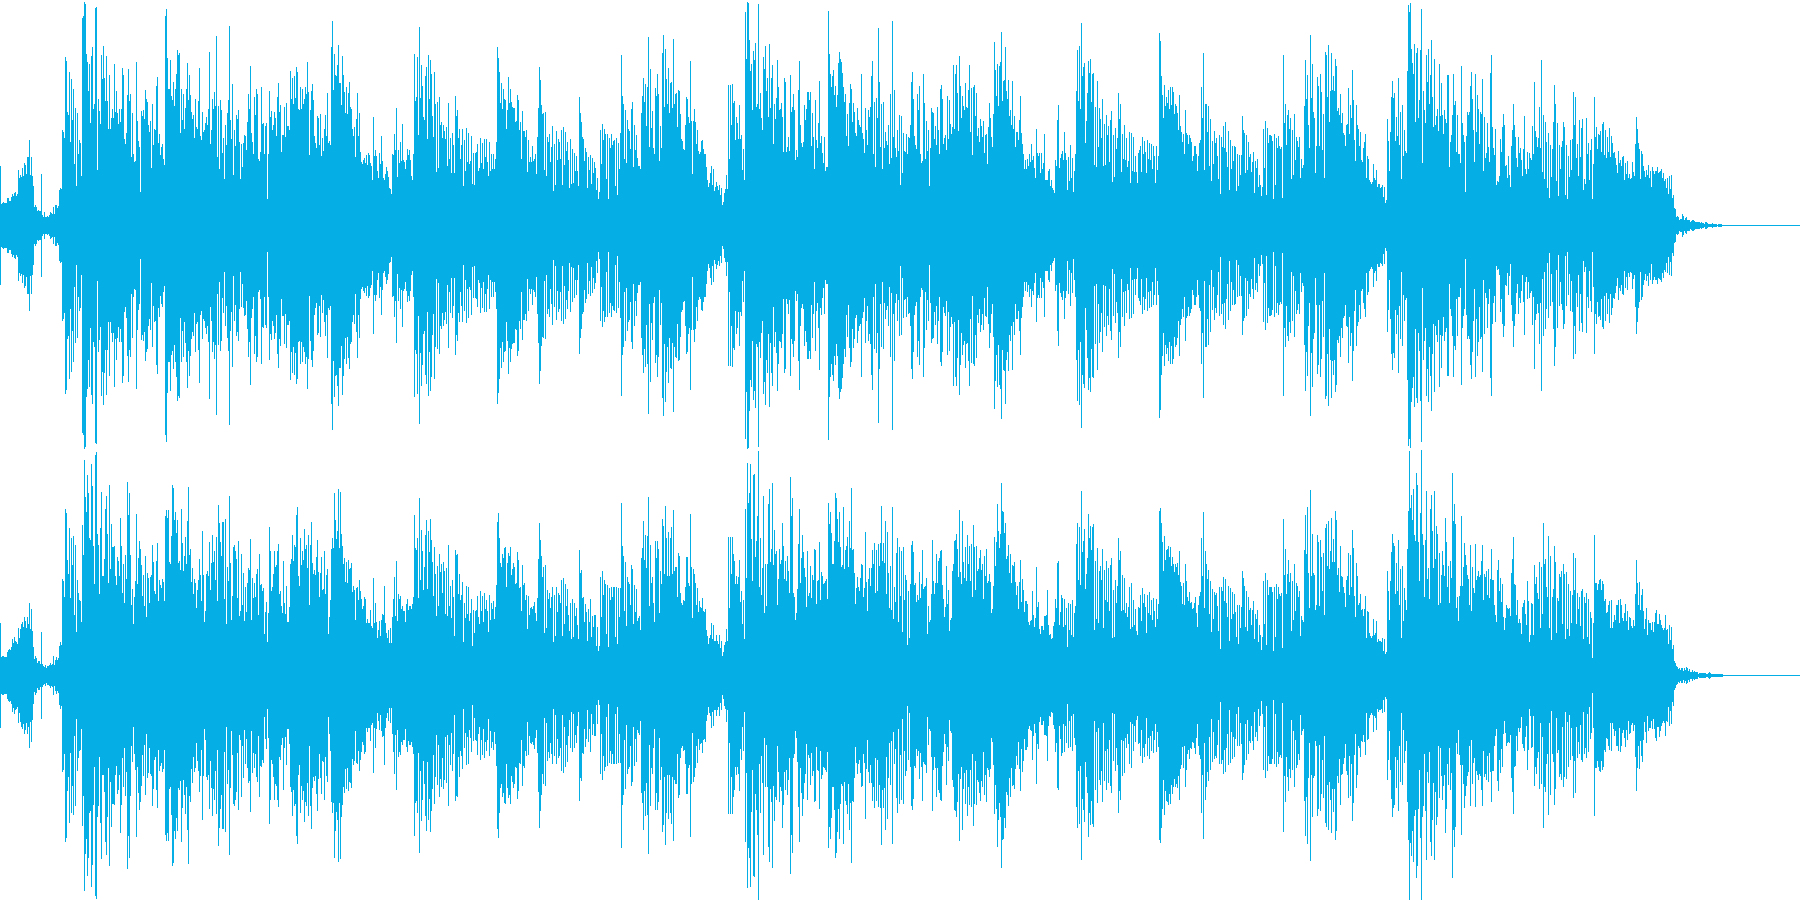 テクノとロックの融合したBGMの再生済みの波形